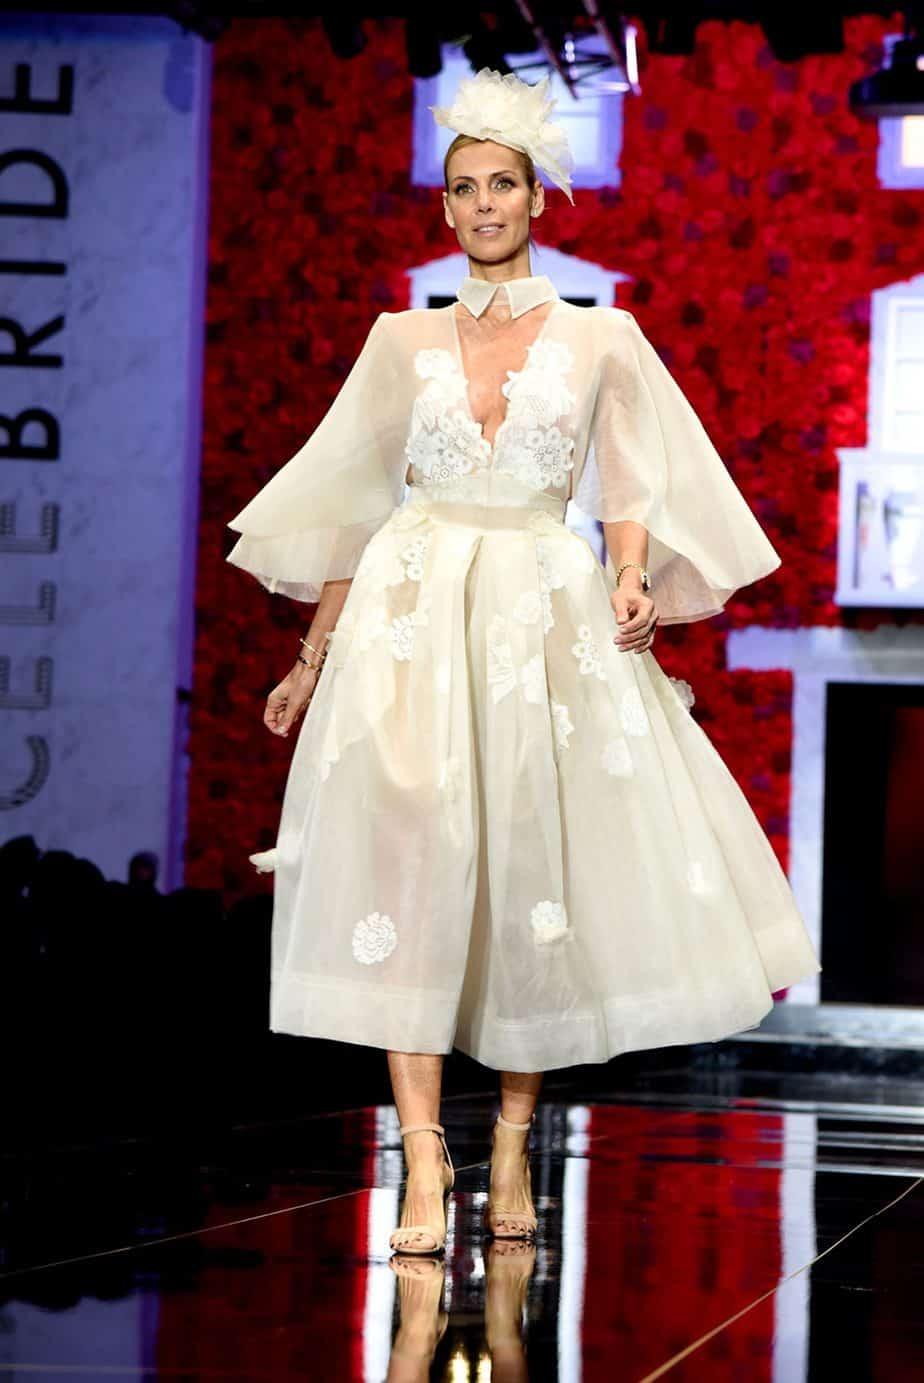 דנה וקסלר ספקטור. שמלת כלה - אור פז. צילום: לימור יערי